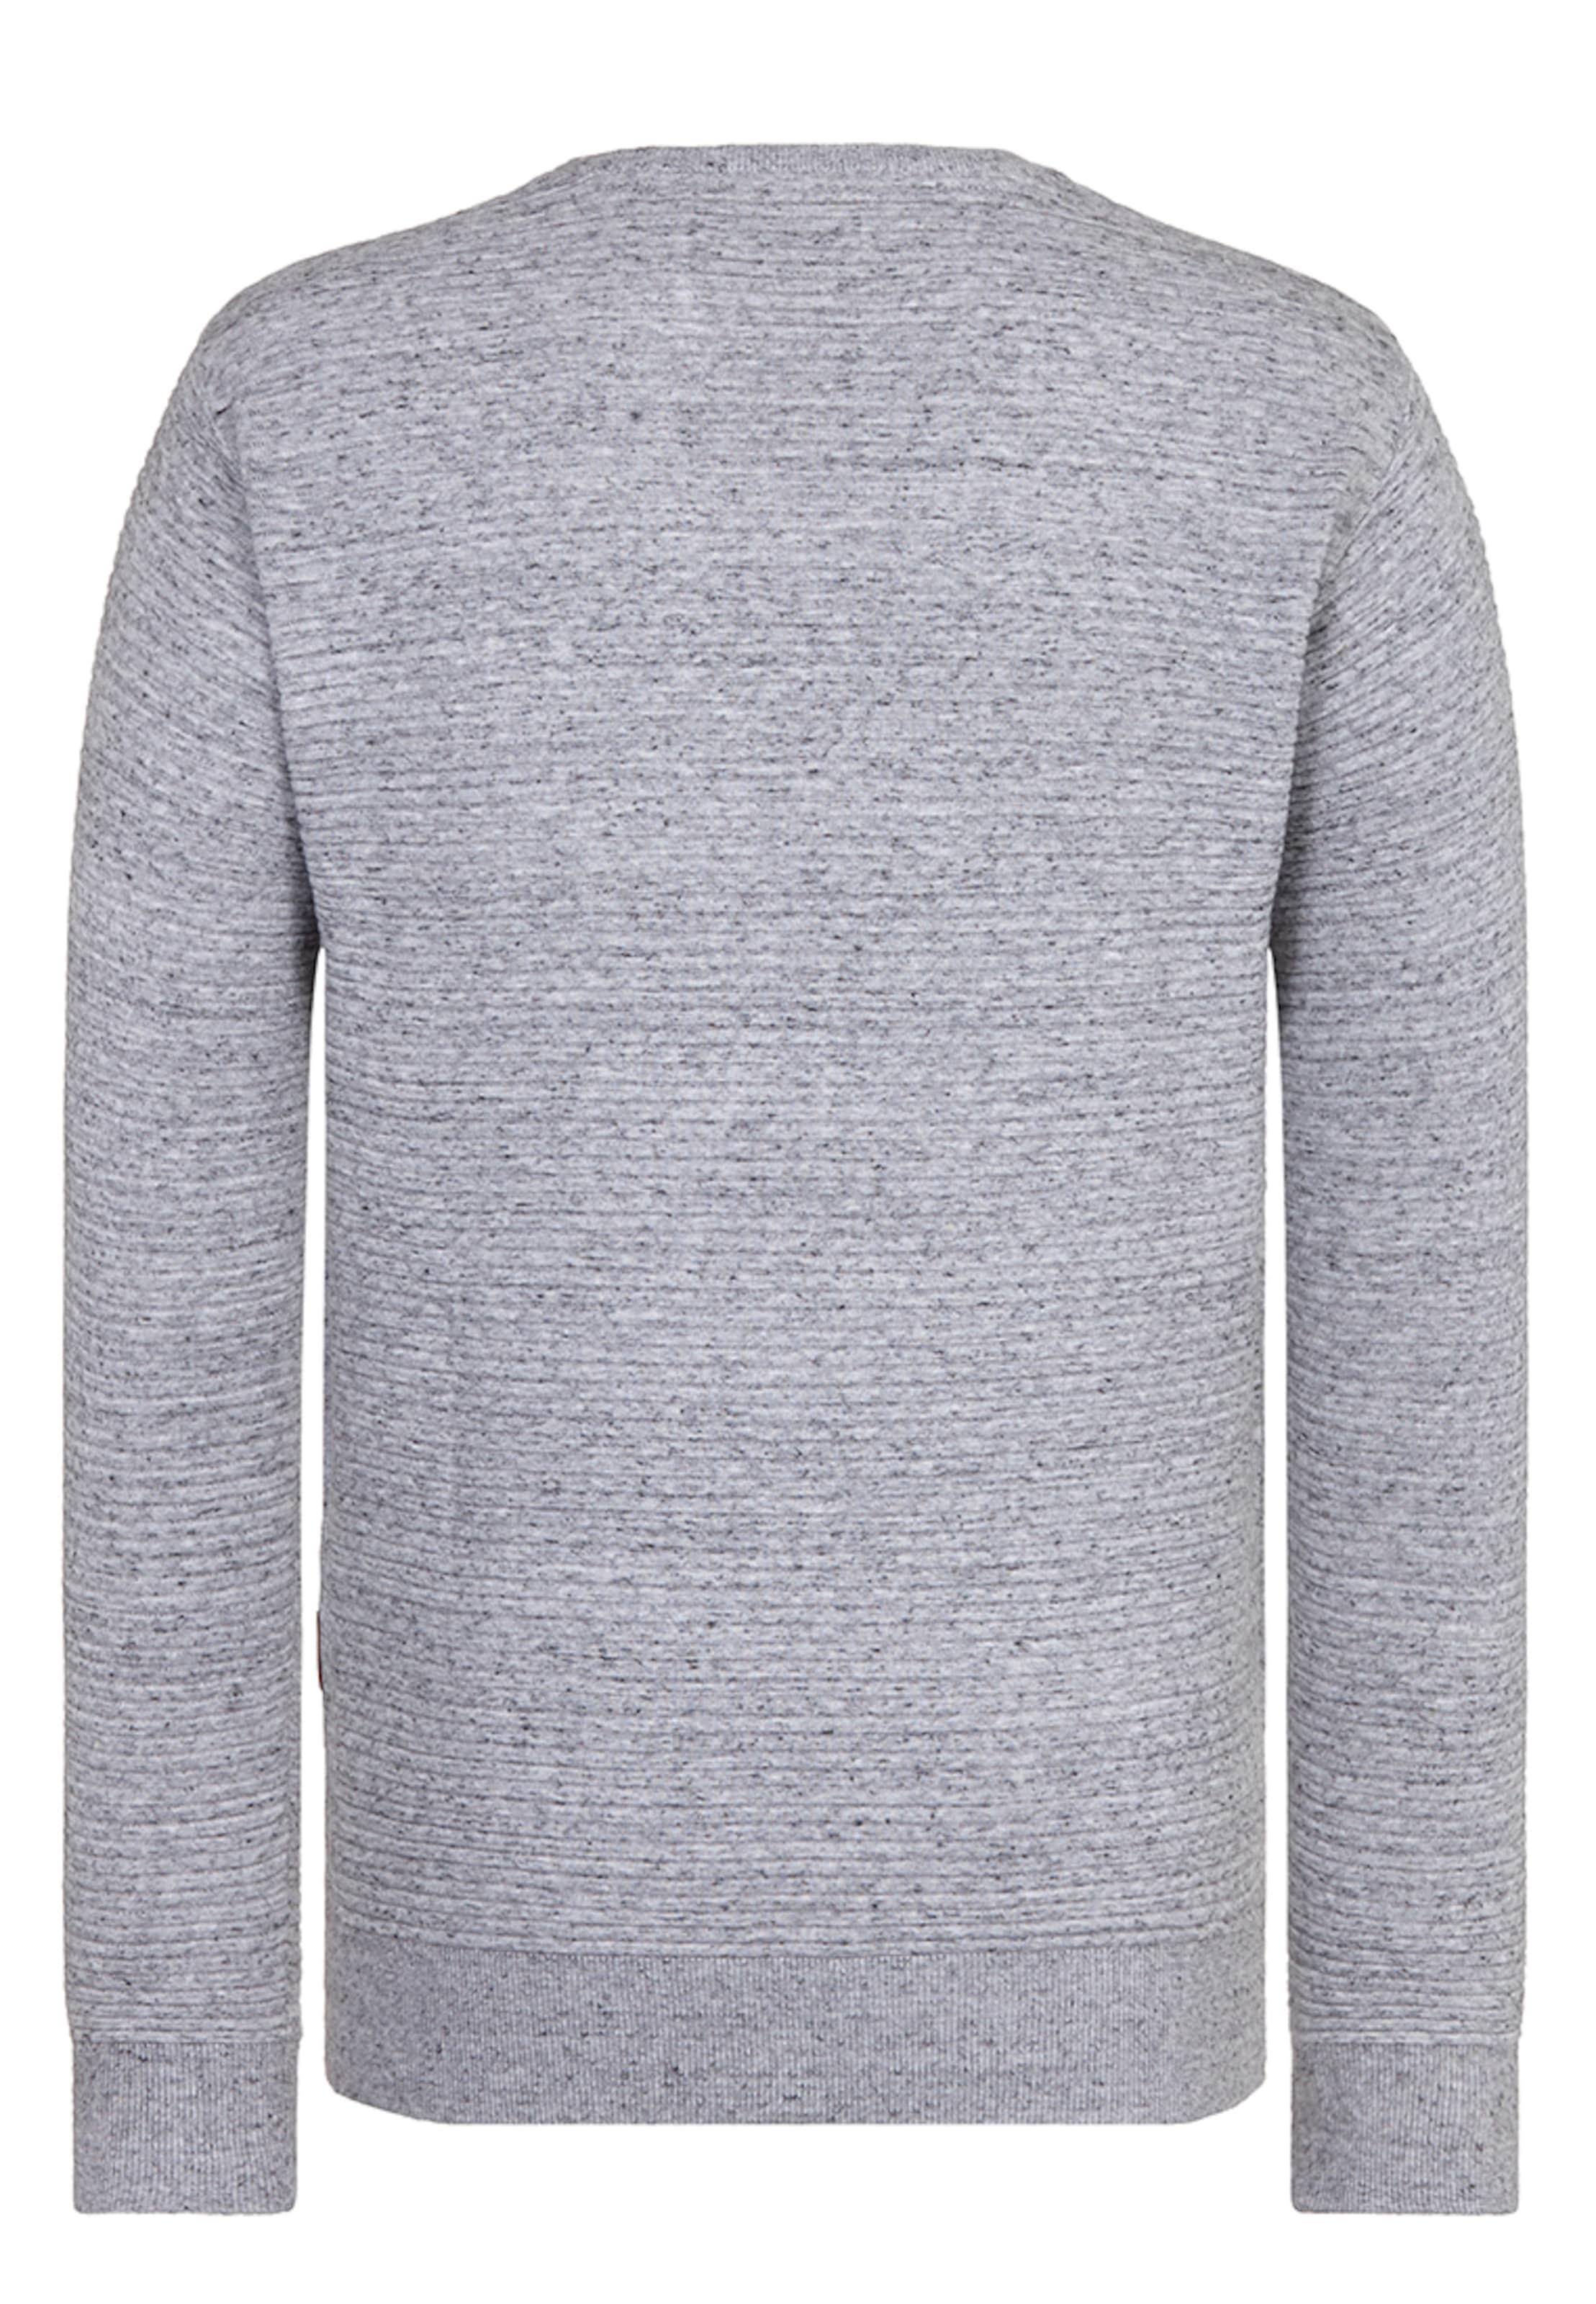 Naketano 'hans Schwanz' In Grau Pullover wP0Onk